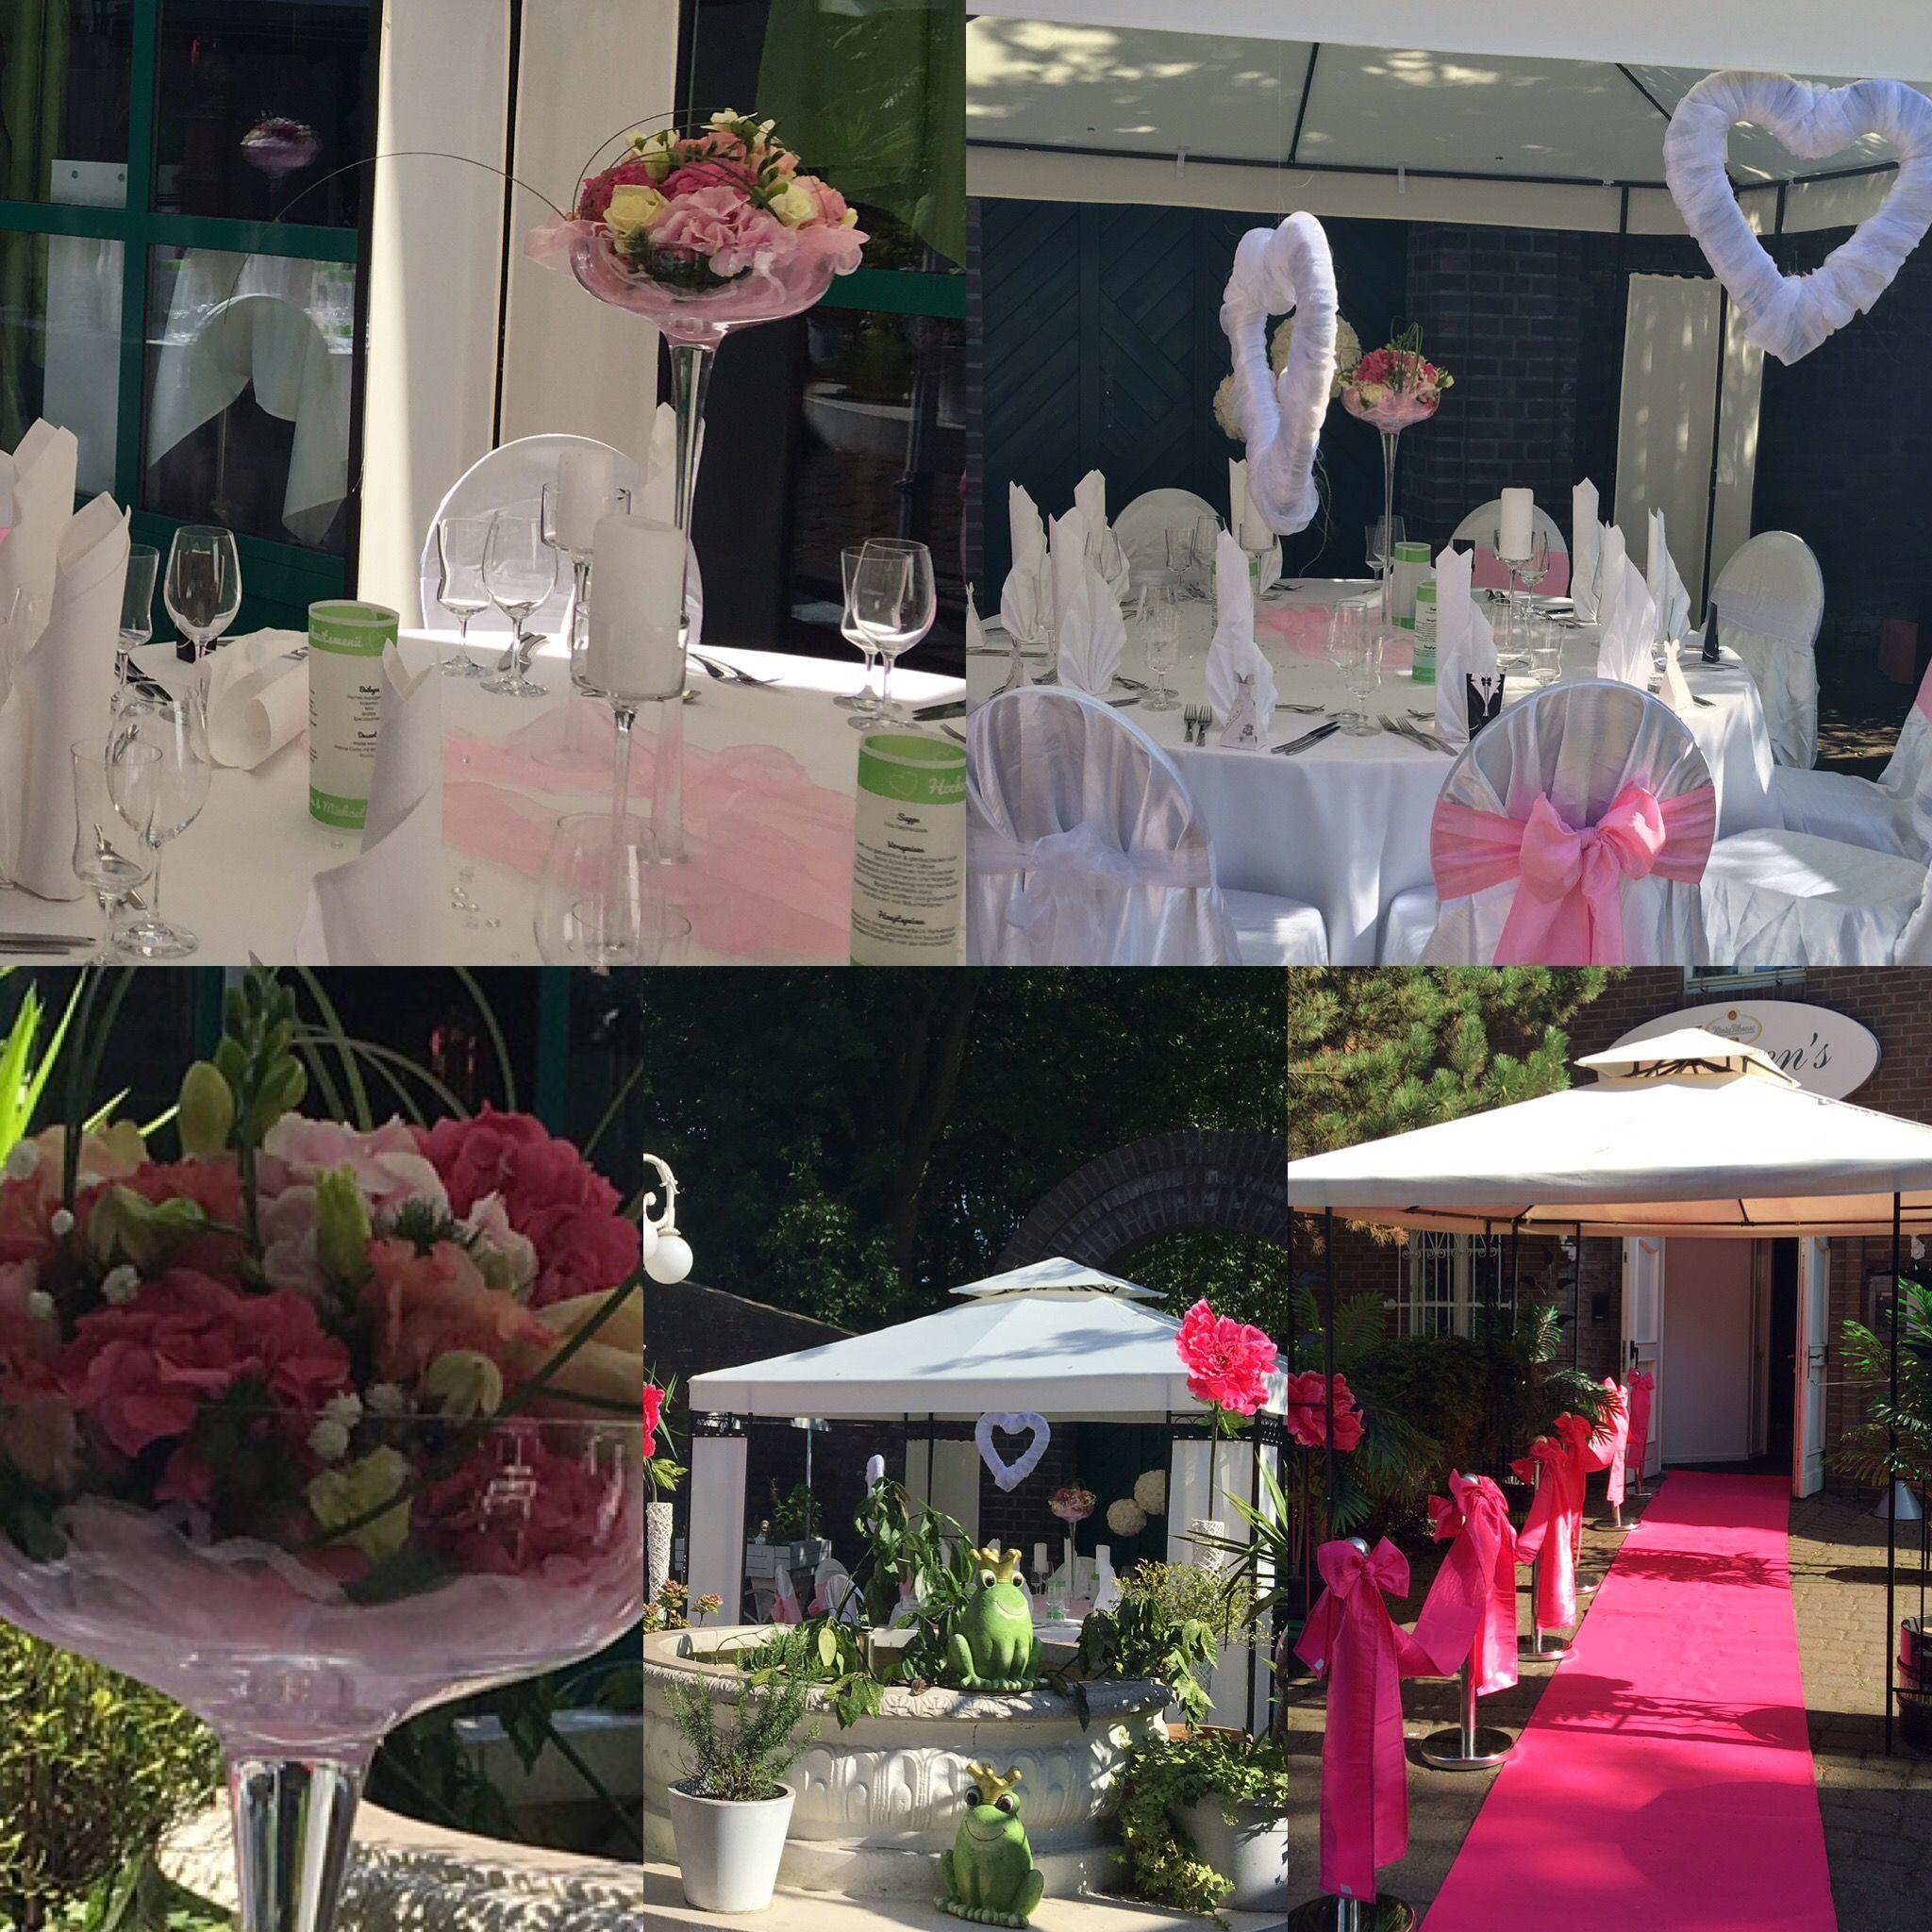 Hochzeitslocation duisburg hochzeit saal feierlichkeiten duisburg brautkleid